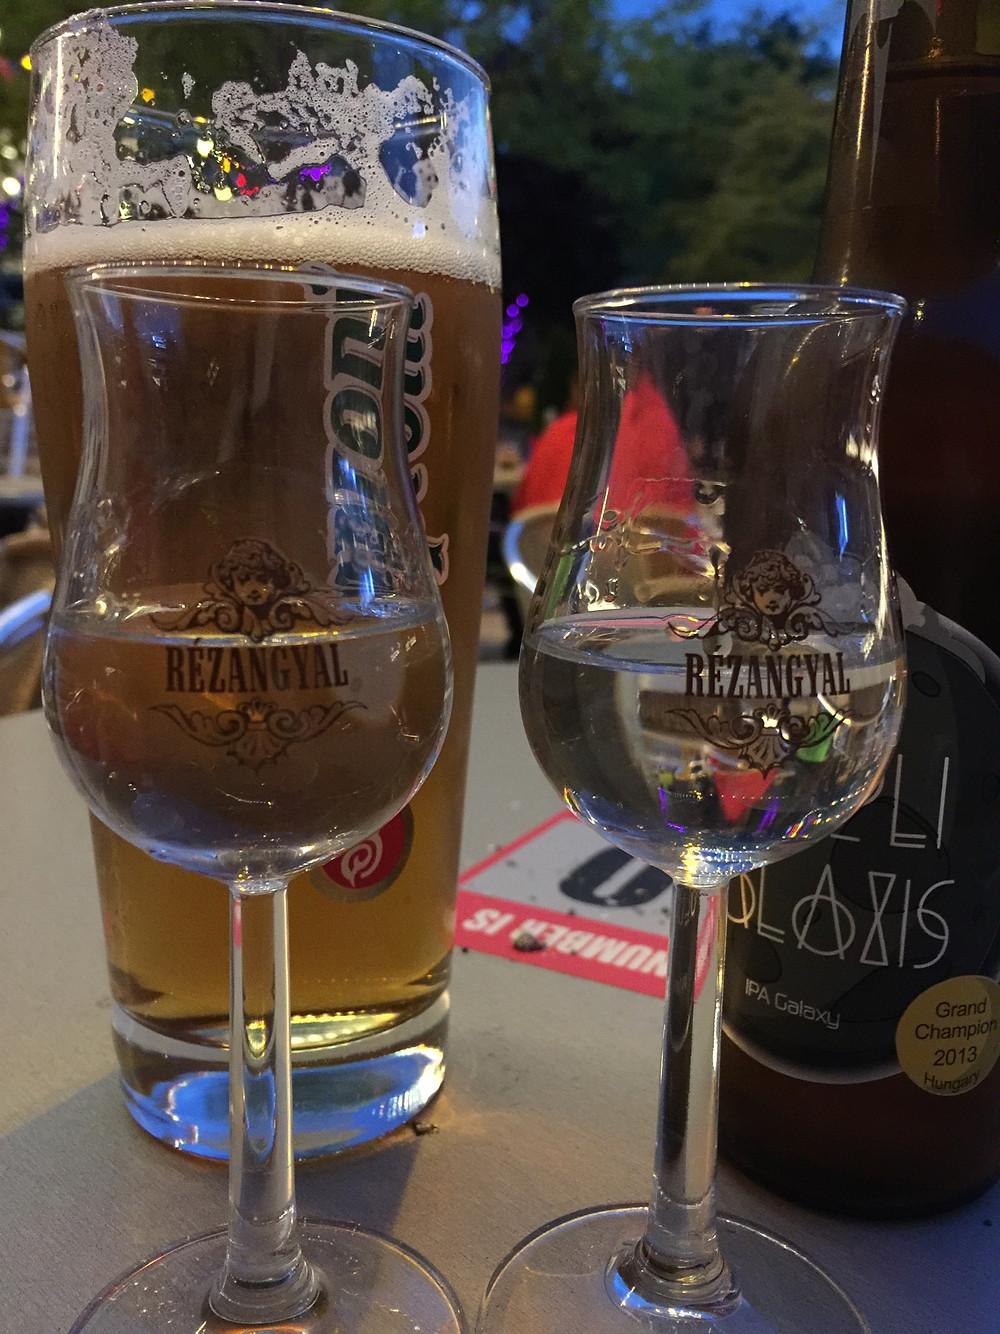 Pálinka and beer!